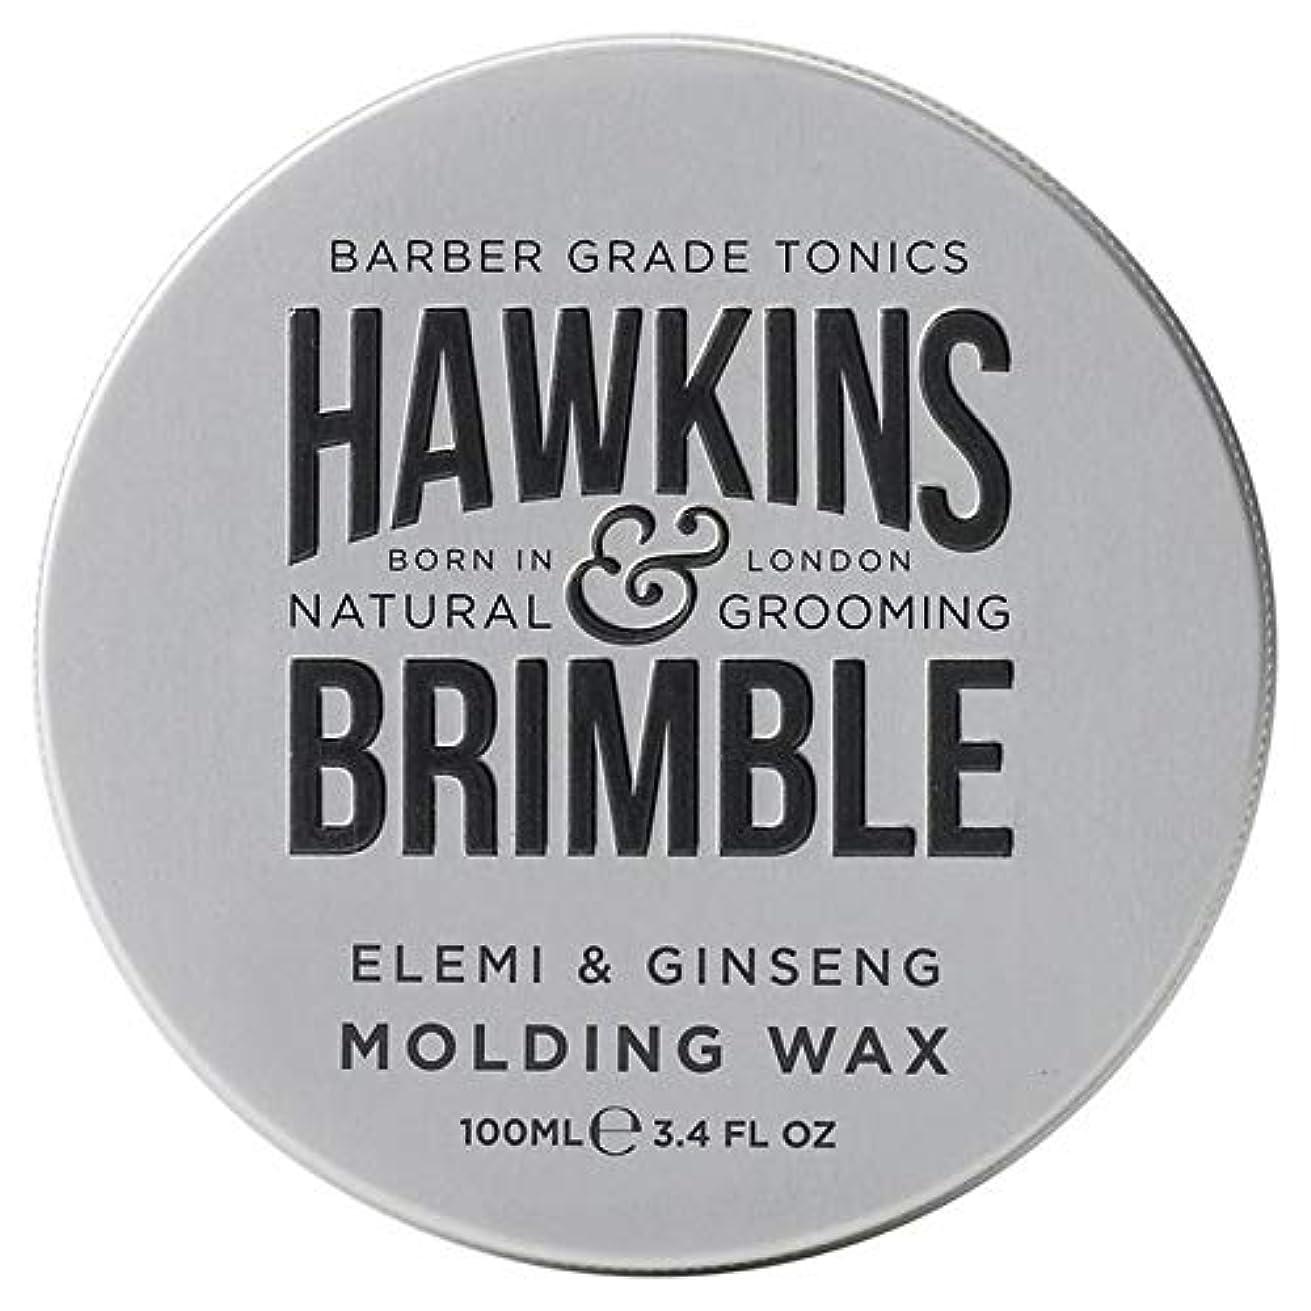 社会主義者発送なんでも[Hawkins & Brimble] ホーキンス&Brimble成形ヘアワックス100ミリリットル - Hawkins & Brimble Molding Hair Wax 100ml [並行輸入品]